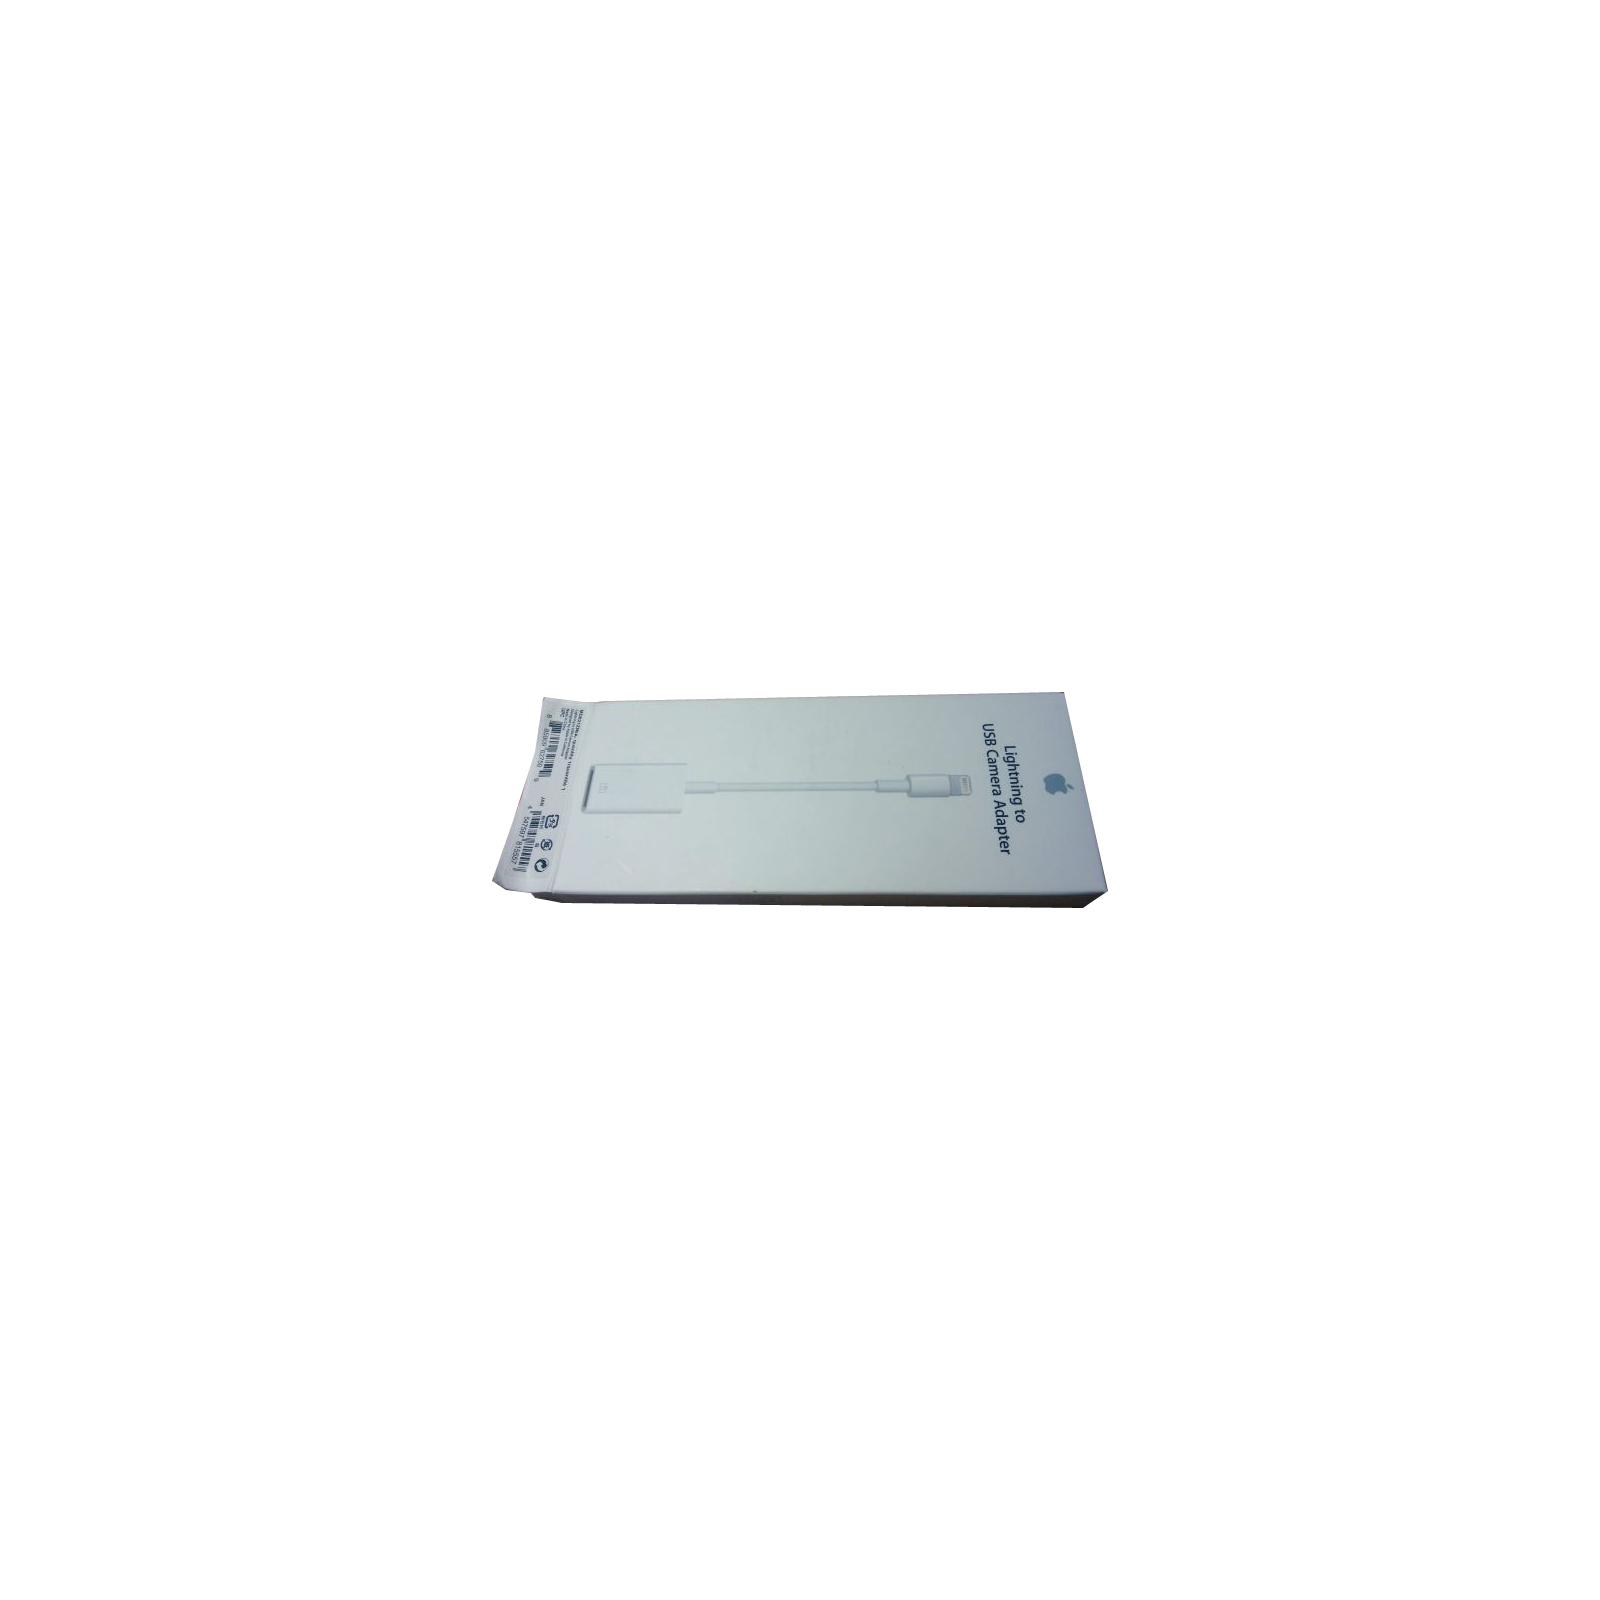 Переходник Apple Lightning to USB Camera для iPad (MD821ZM/A) изображение 5